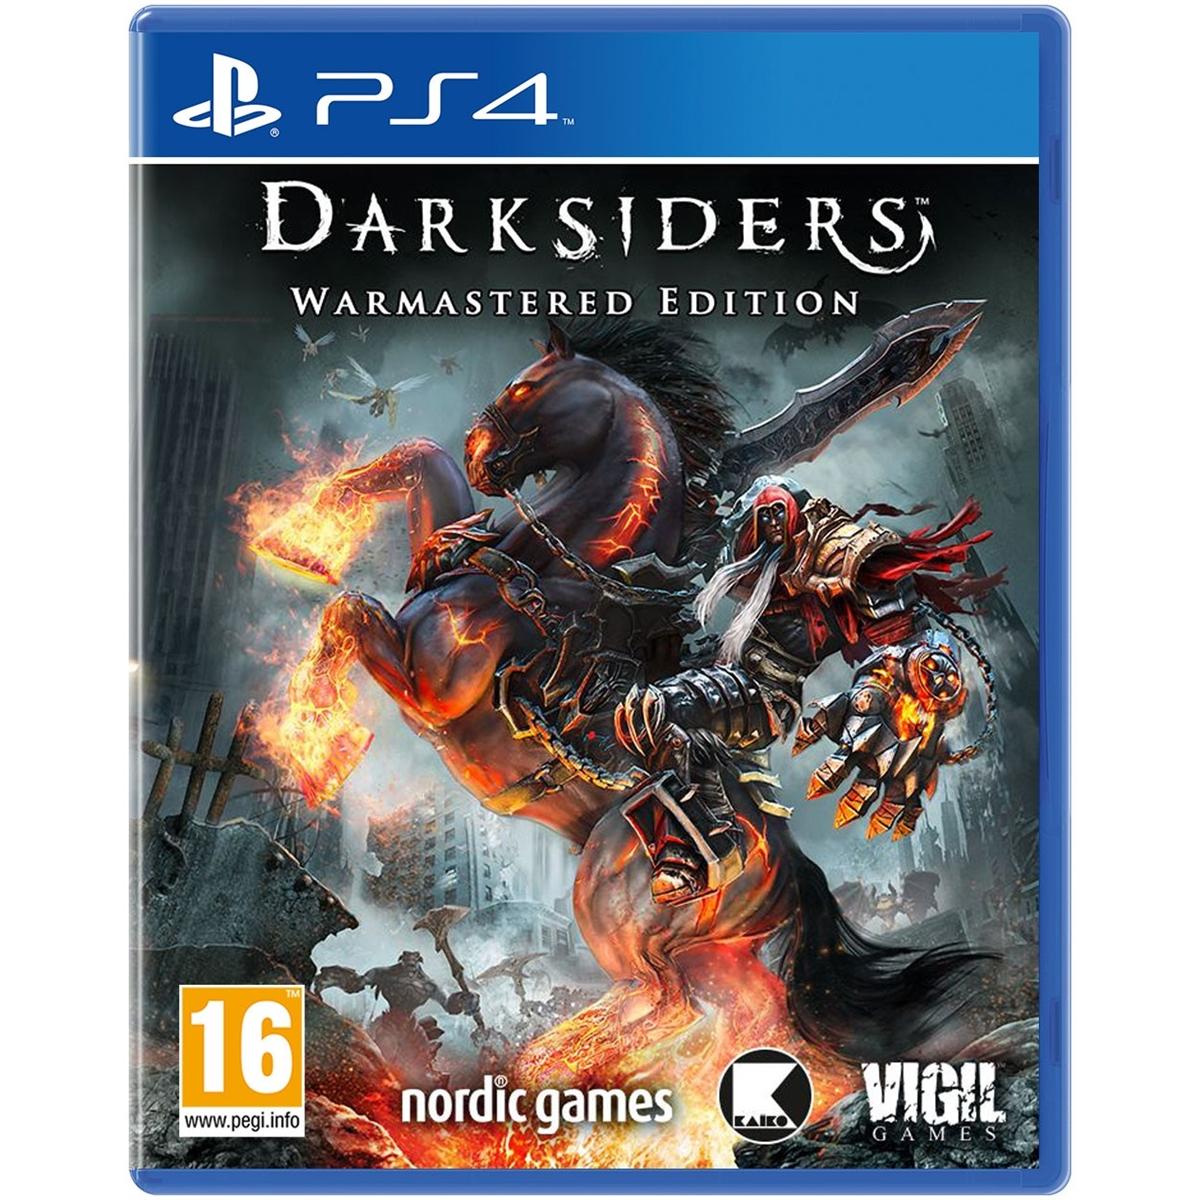 Darksiders Warmastered Edition za darmo dla posiadaczy oryginalnej wersji